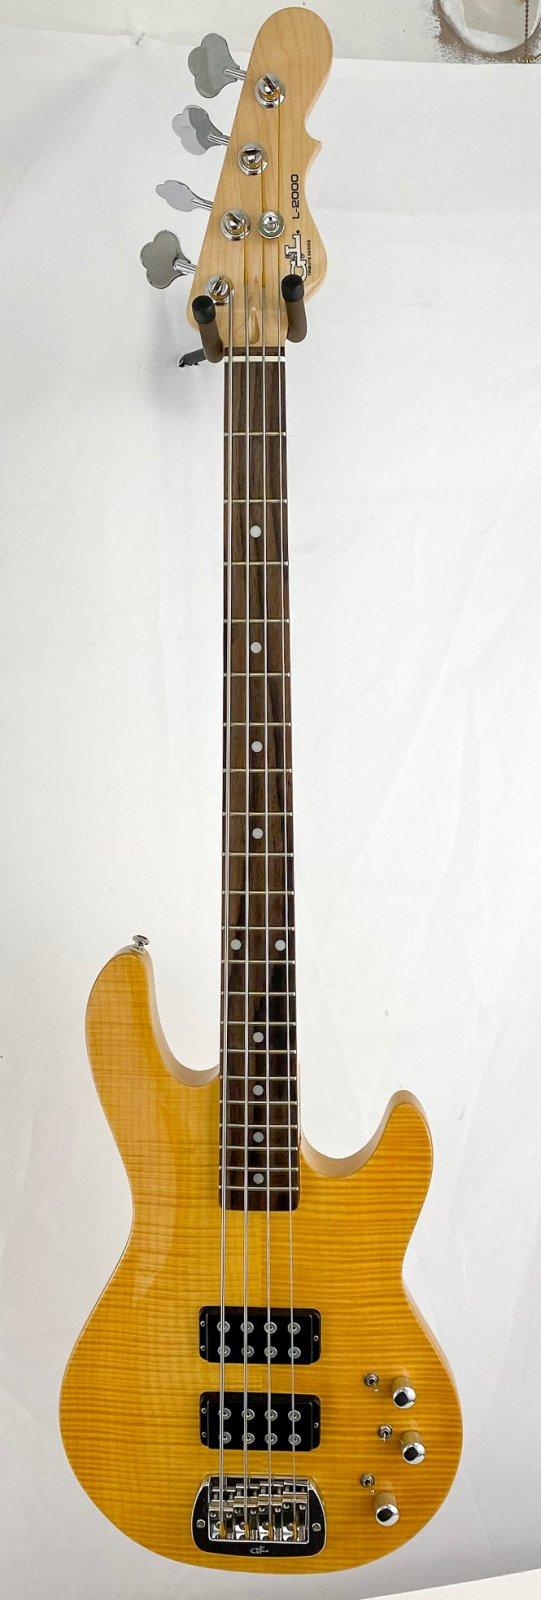 G&L L-2000 Tribute bass - carve top w/gigbag